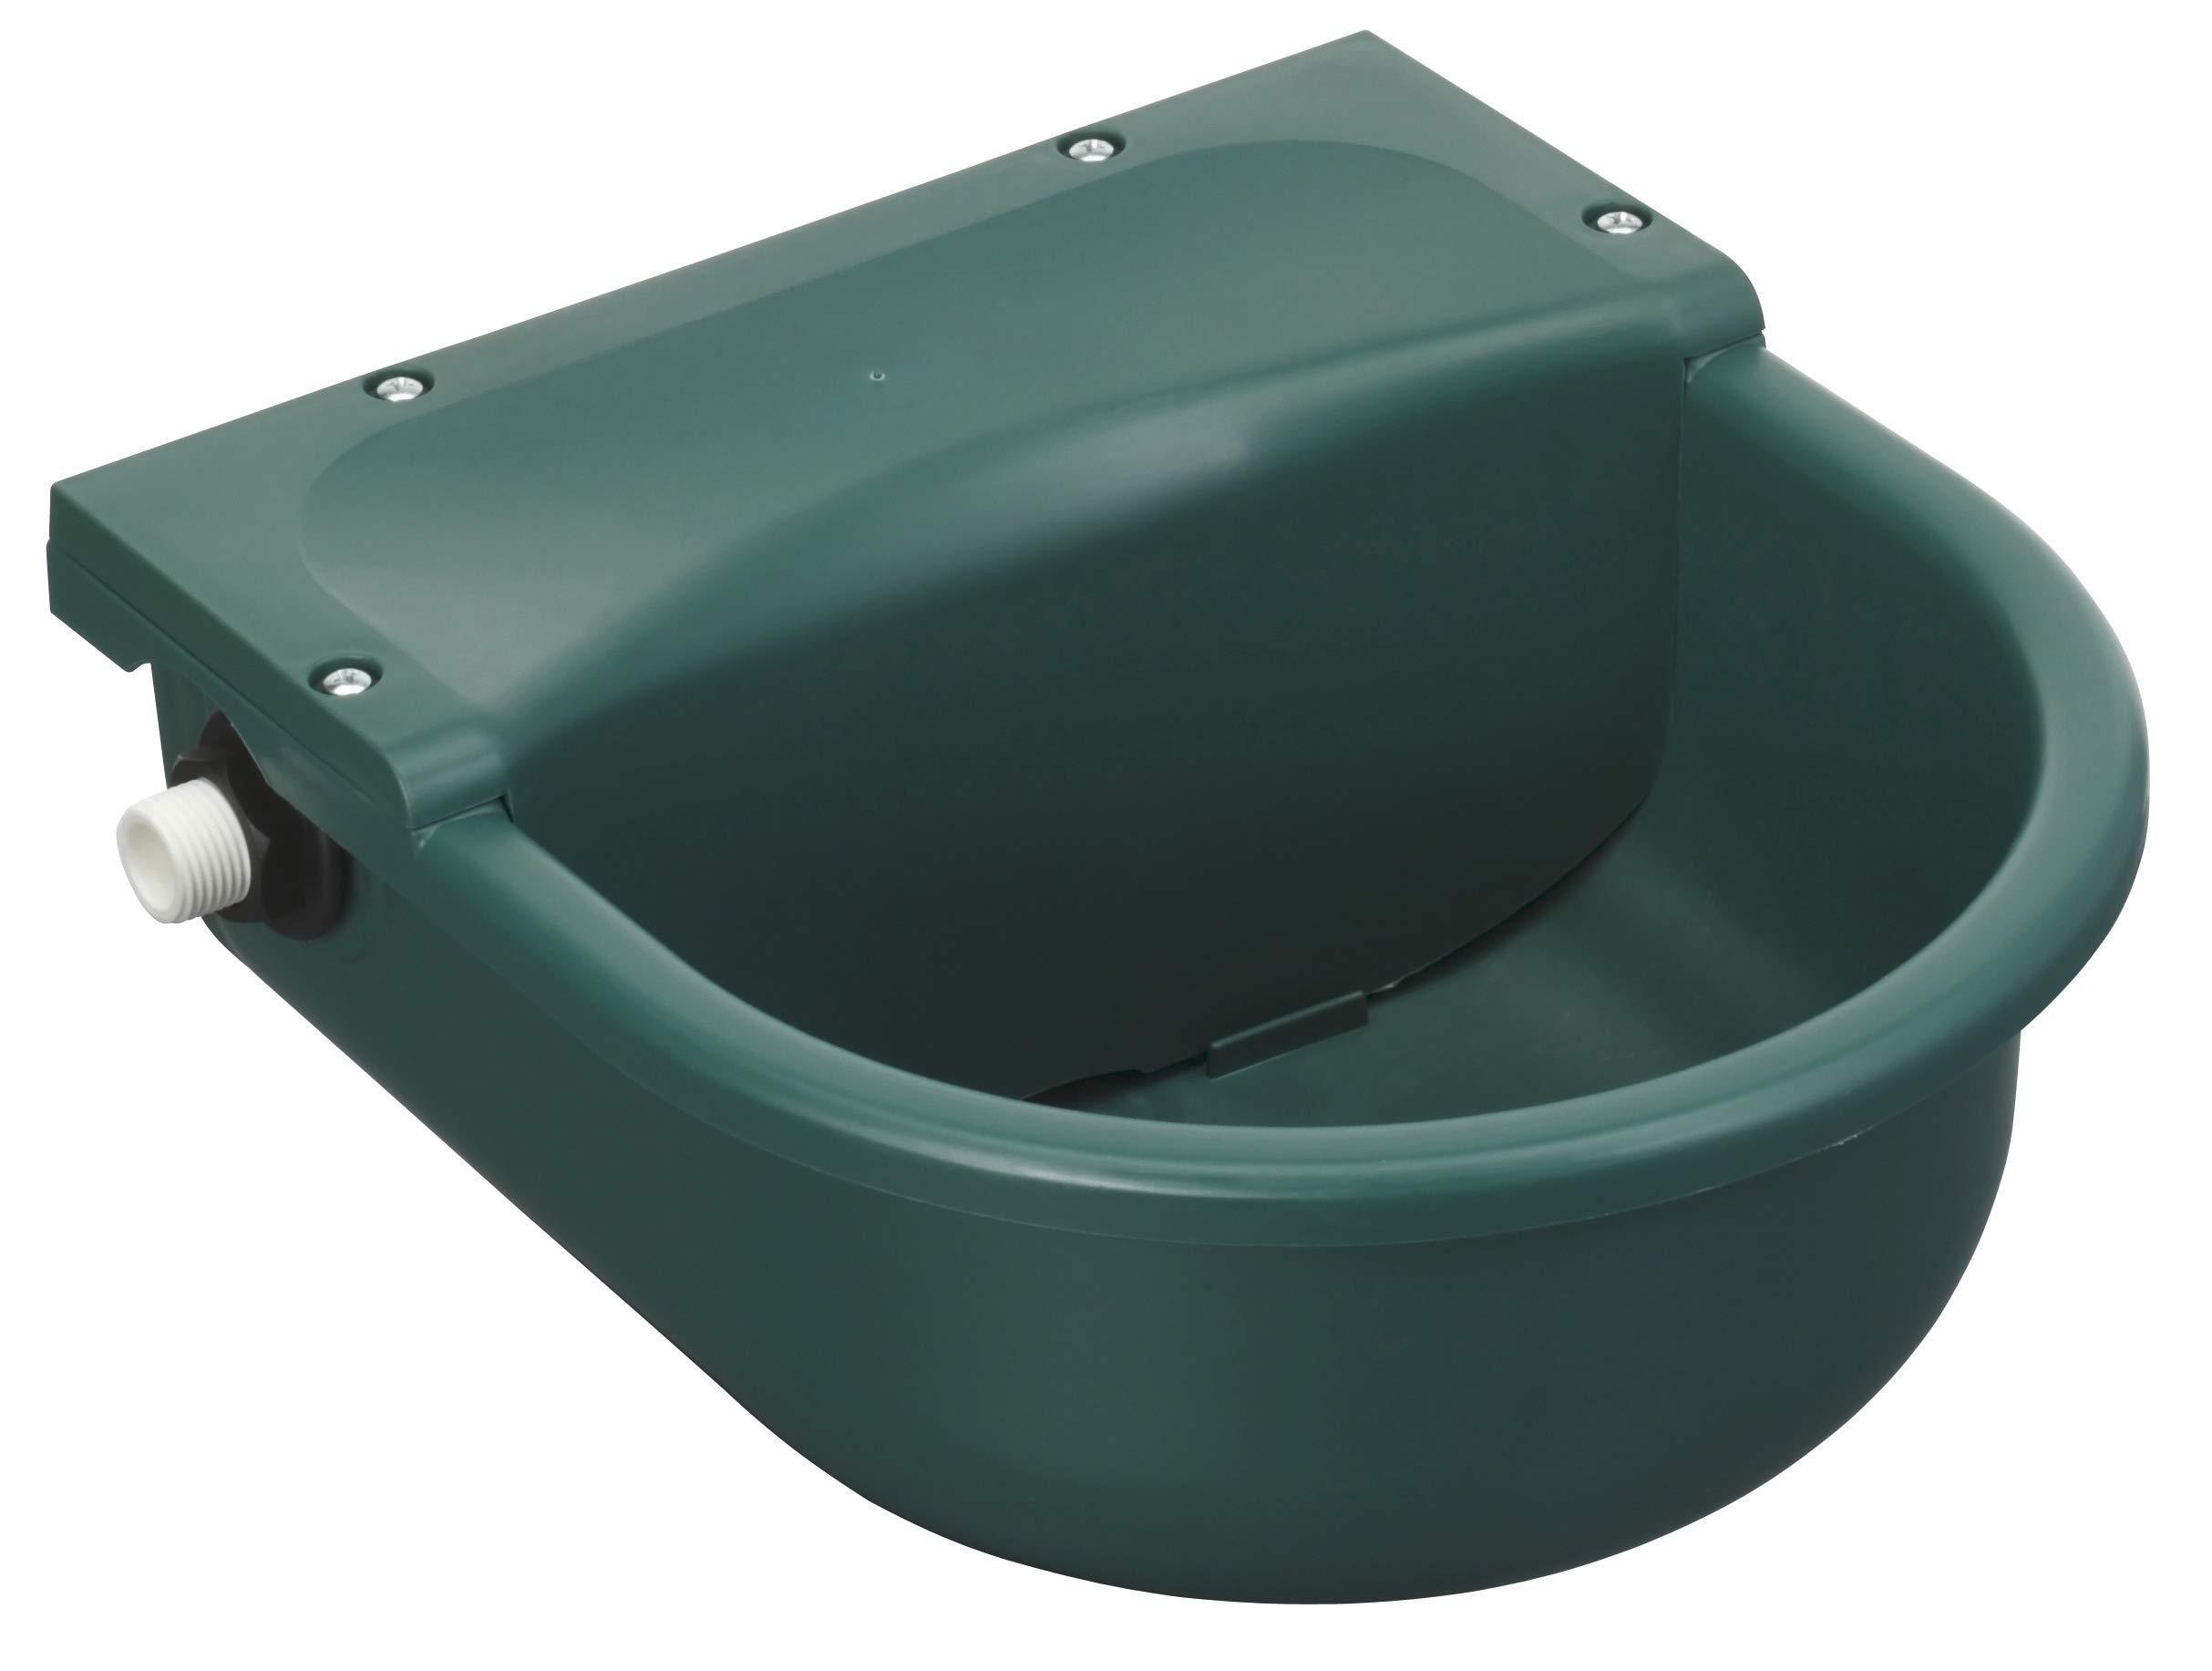 Bebedero con flotador verde de plástico, 3 l product image